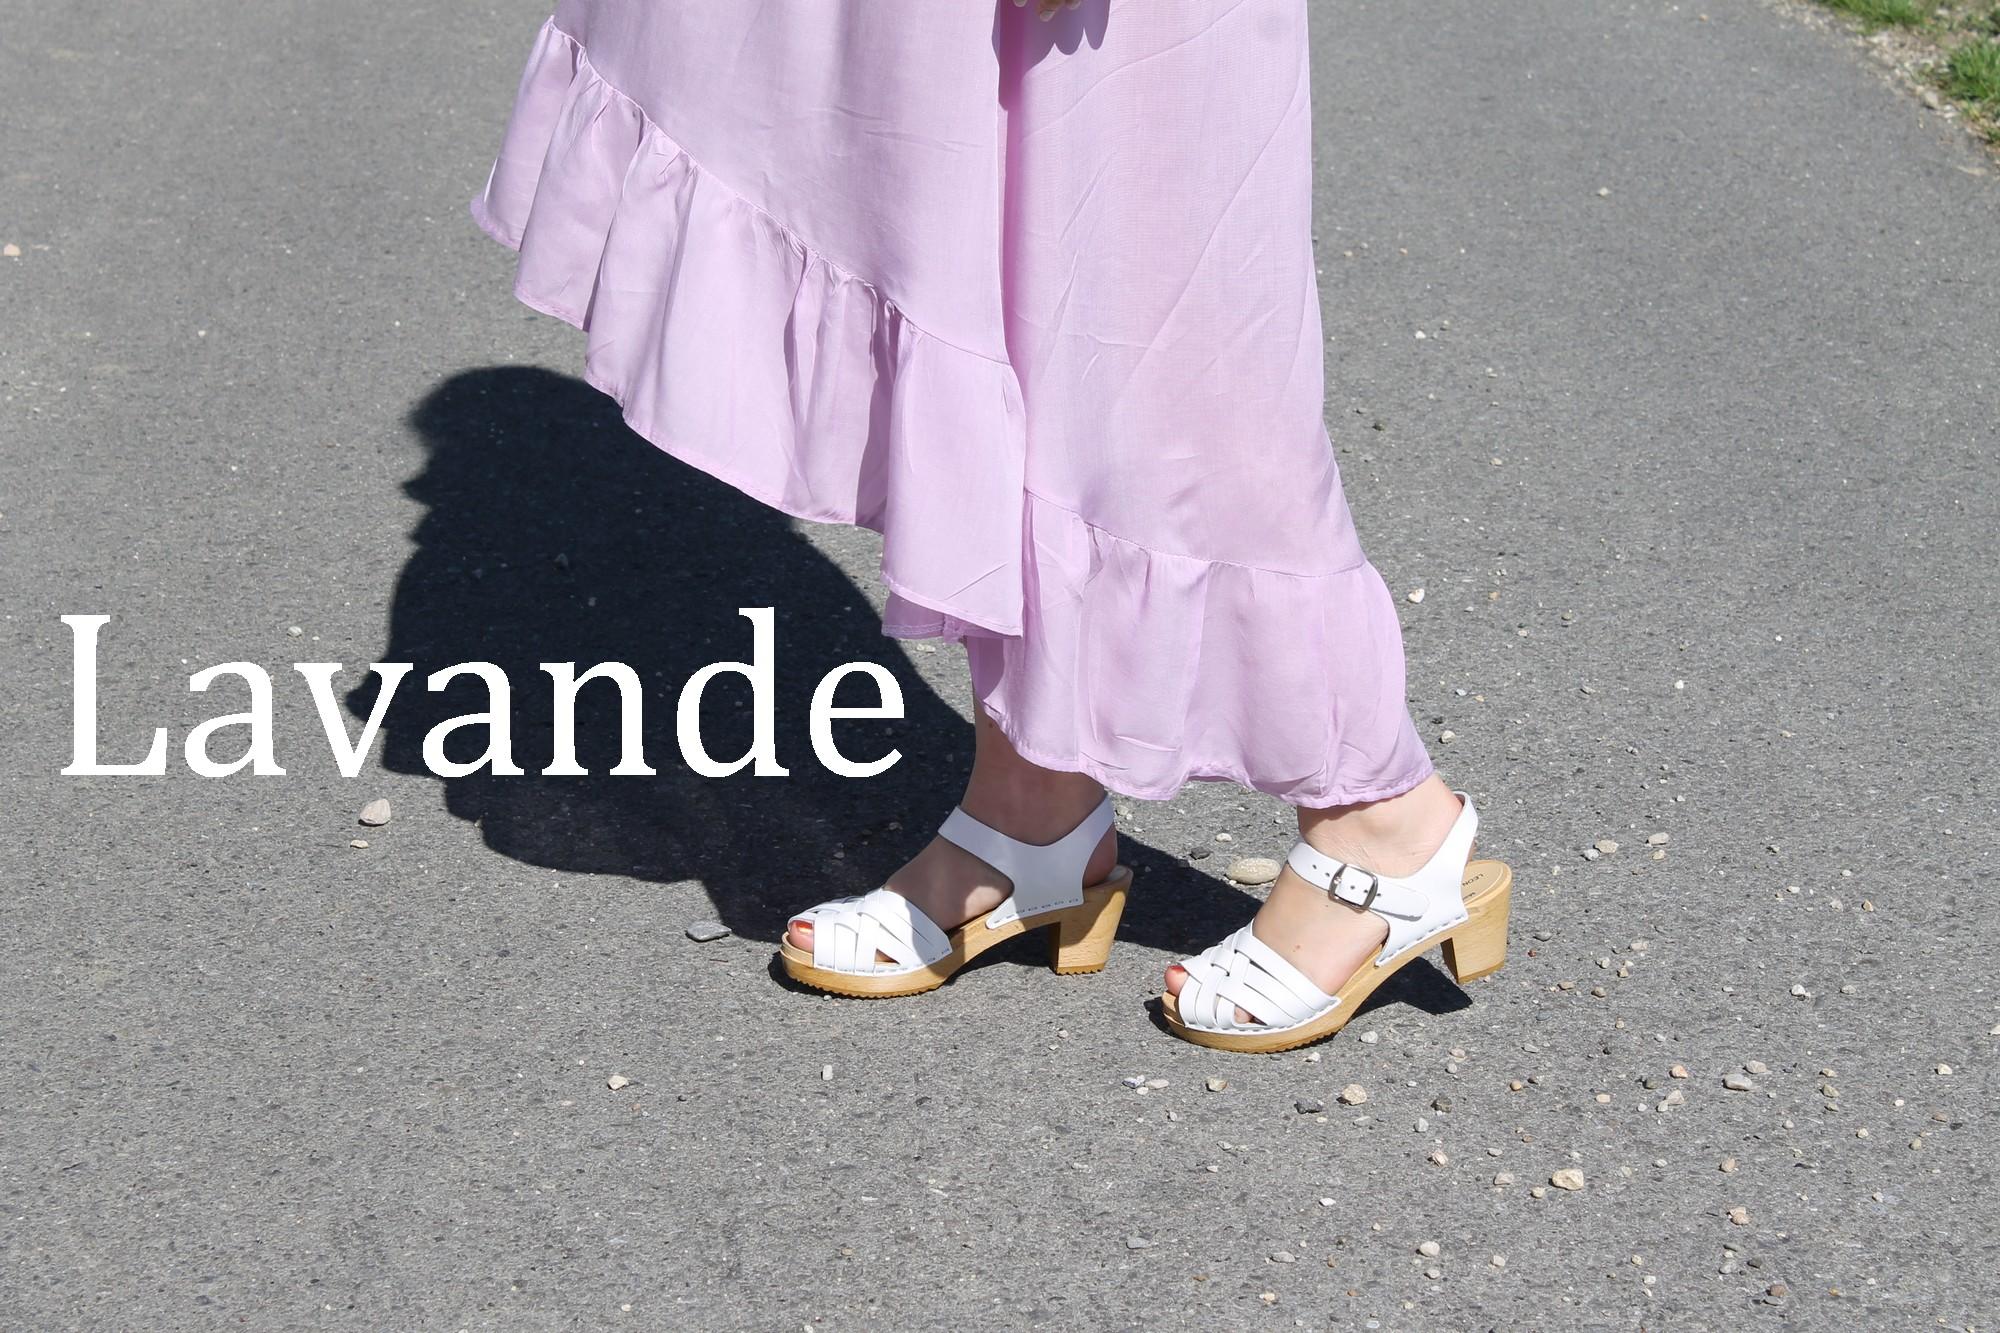 lavandeUNE